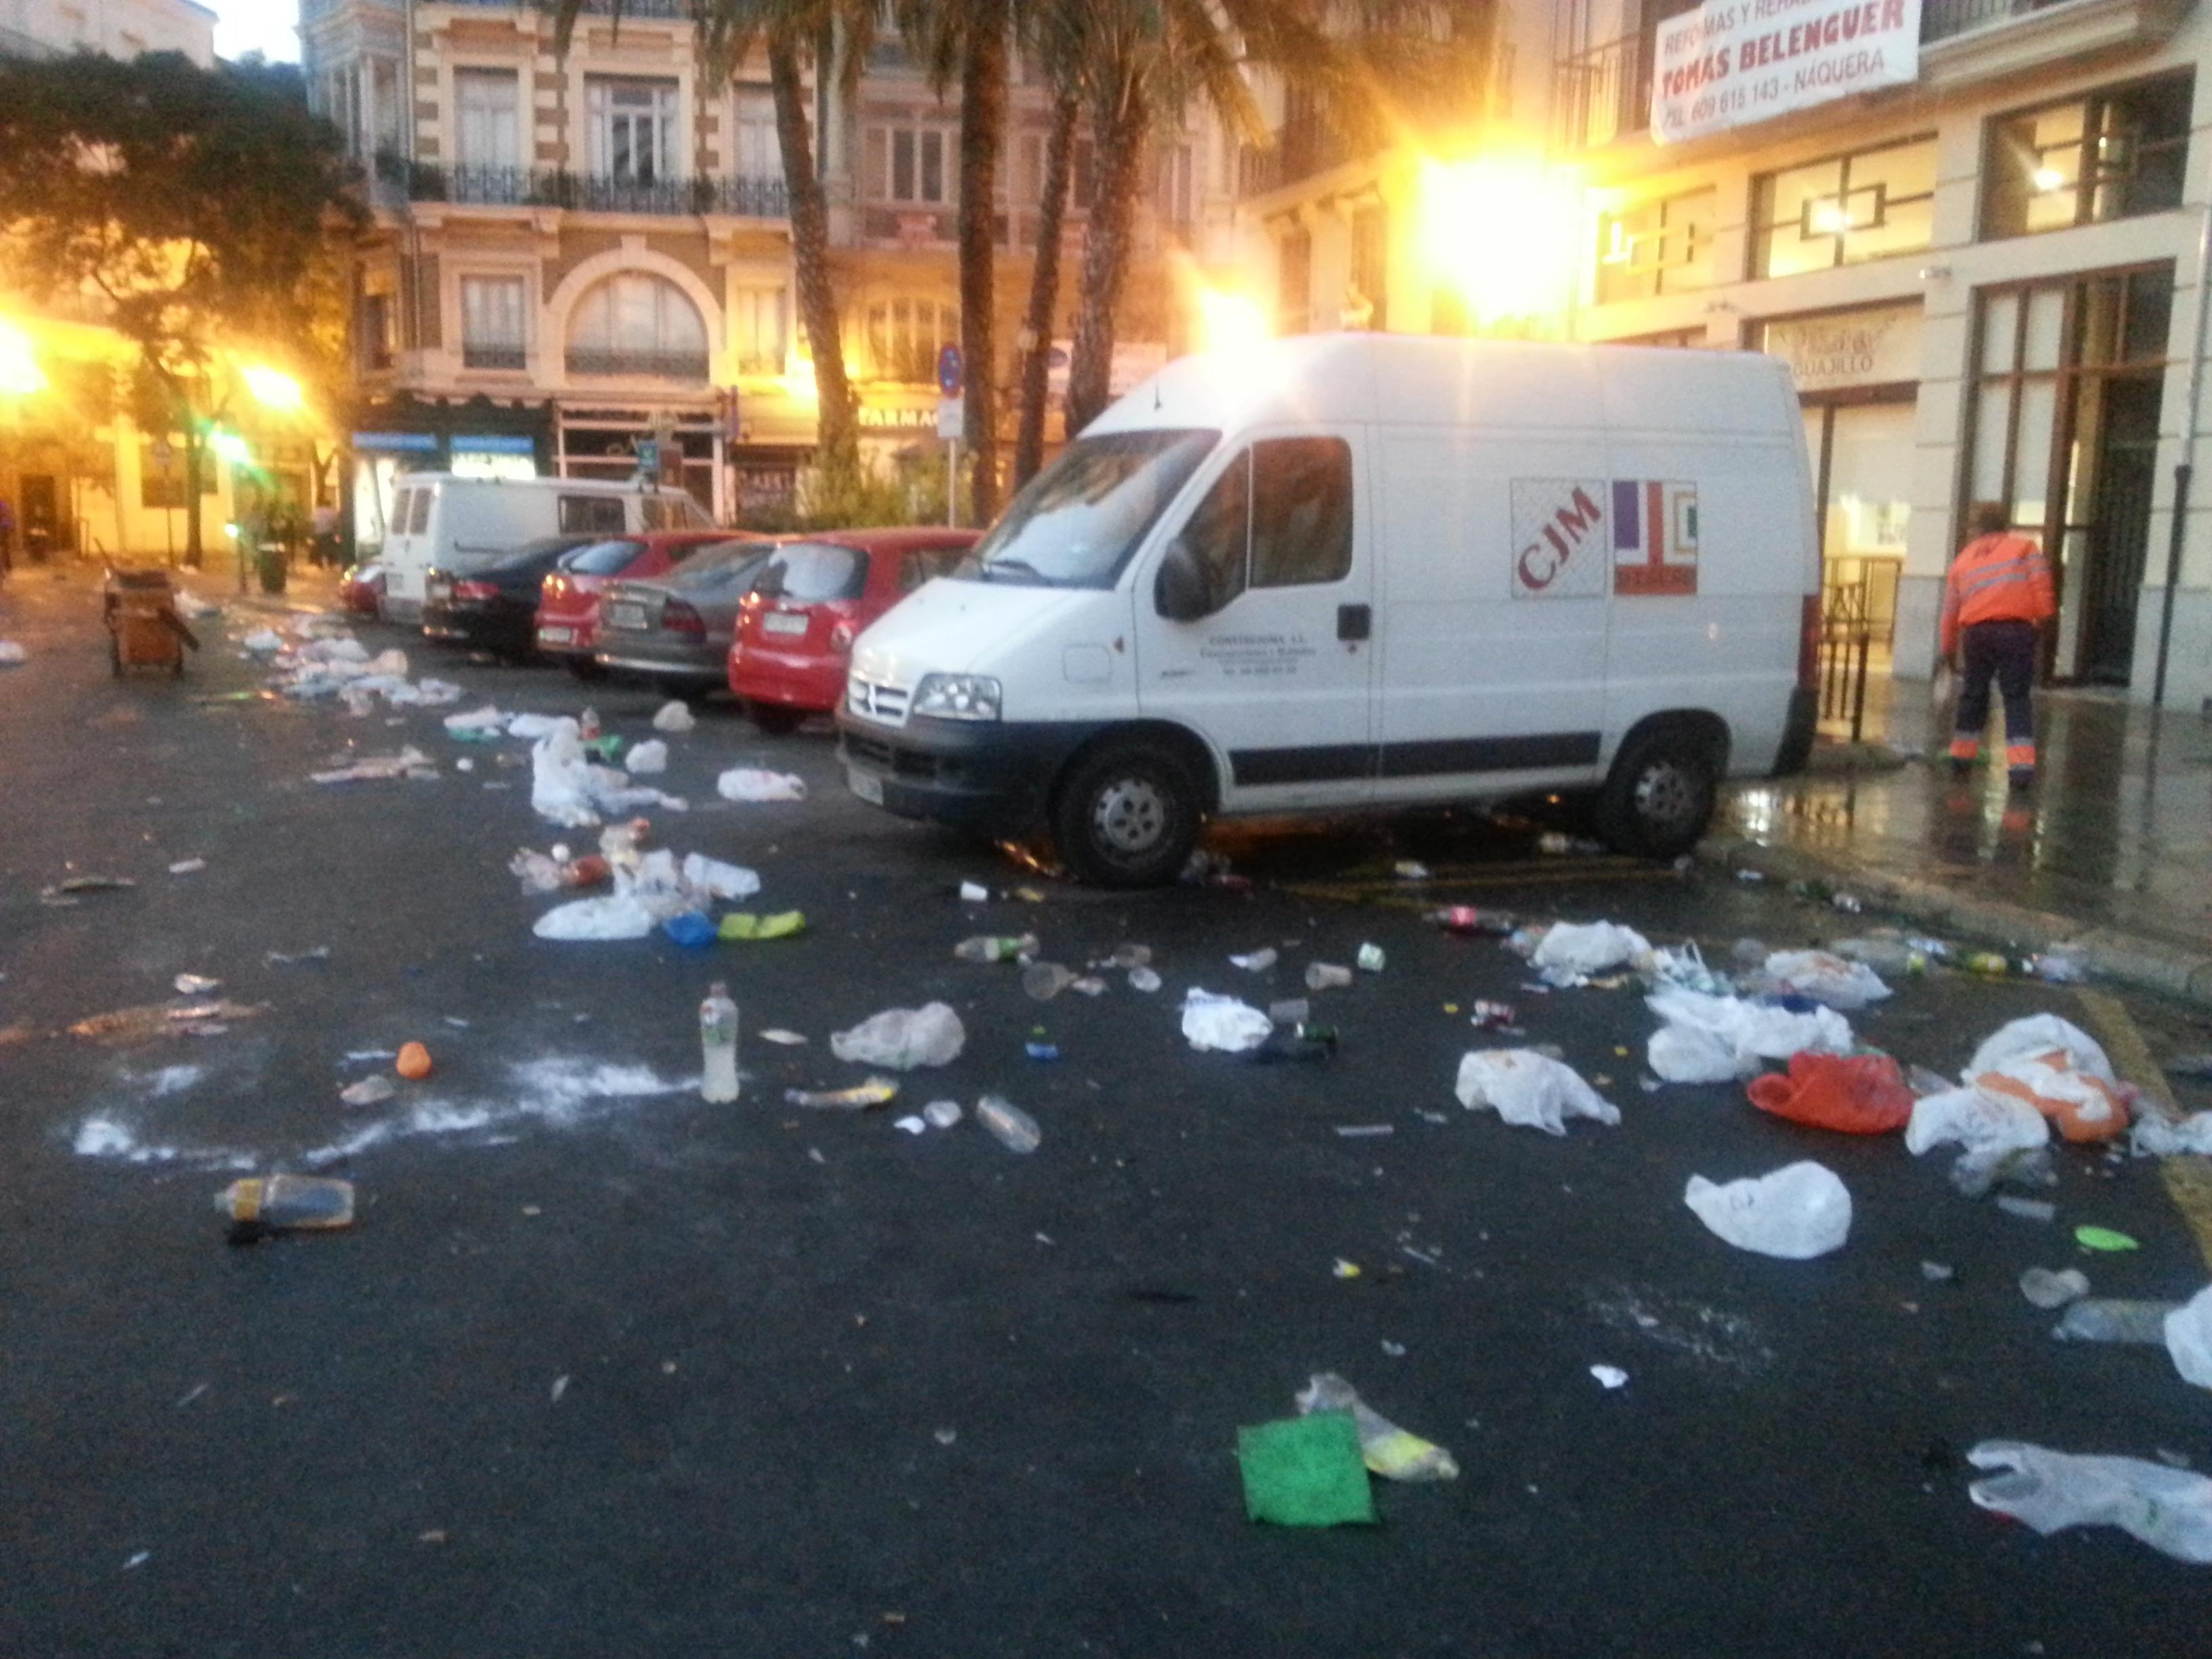 El servicio de limpieza del Ayuntamiento recoge 11 toneladas de residuos en la noche de Halloween